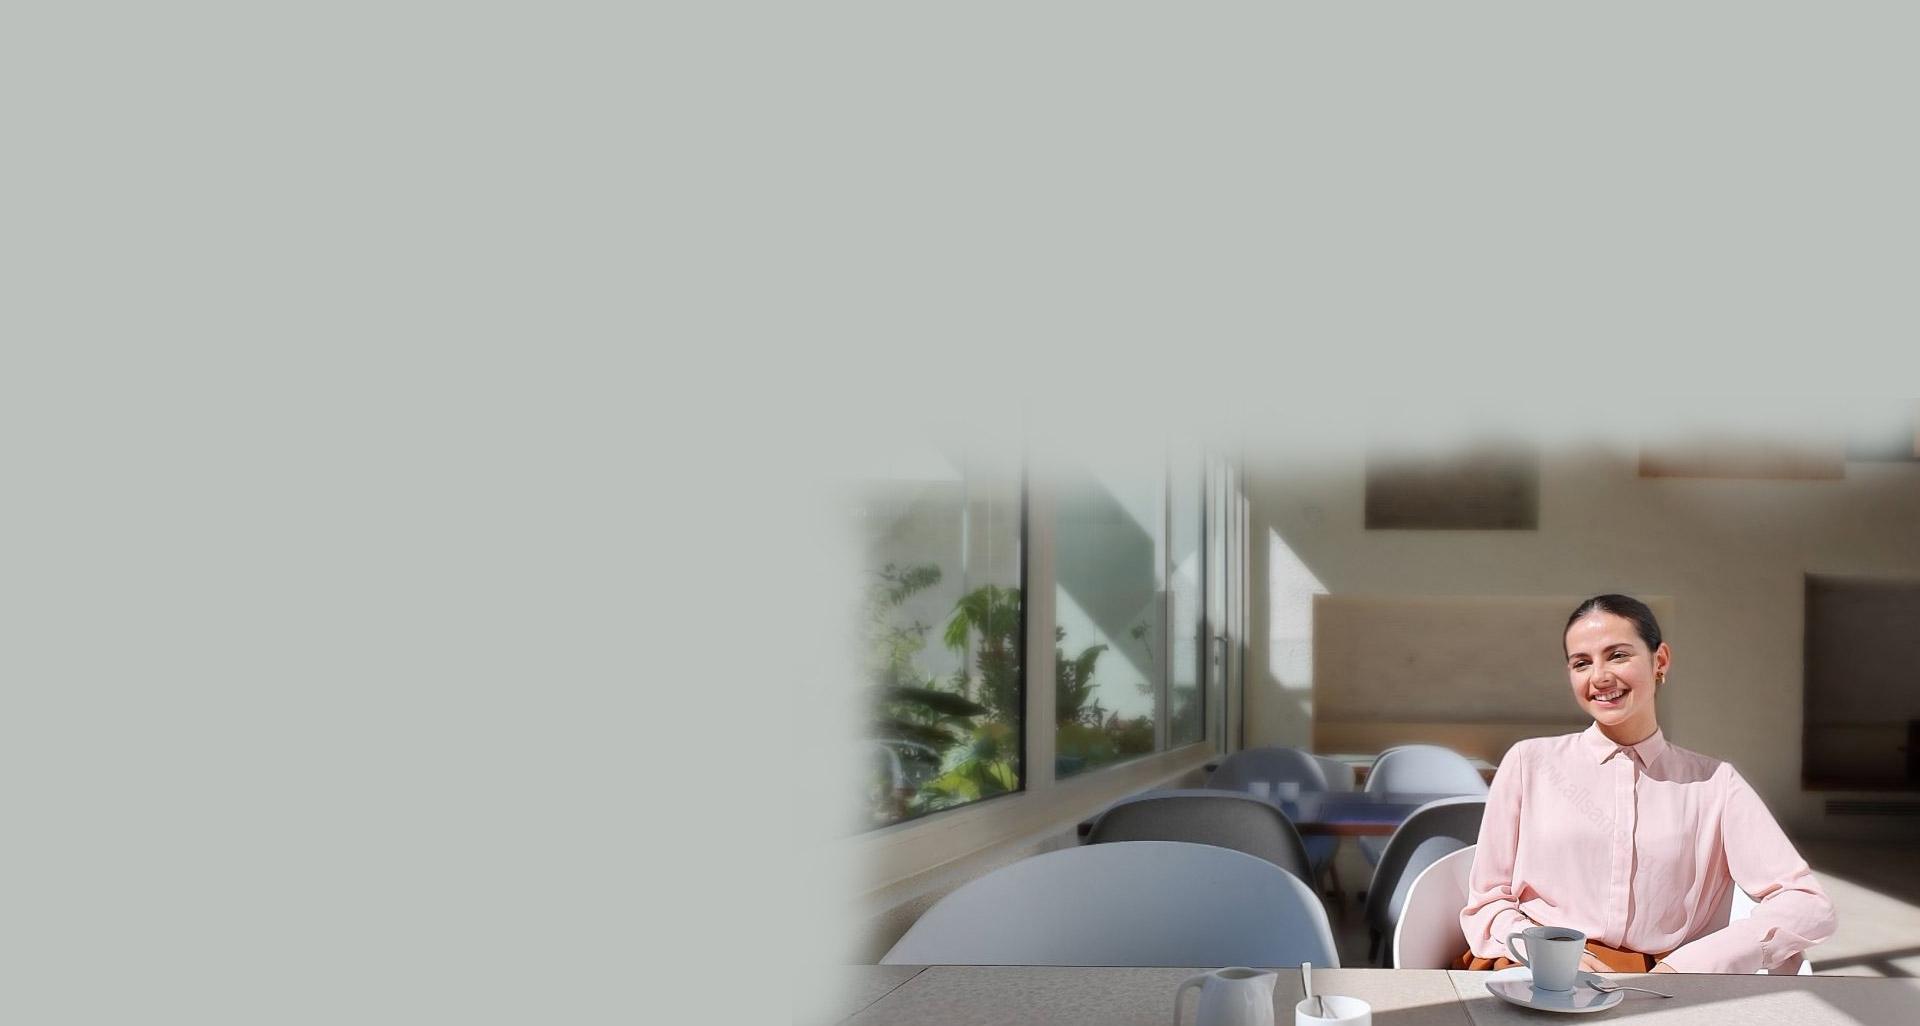 لایو فوکوس ویدیو گوشی S10 5G، ثبت چشم انداز هنری